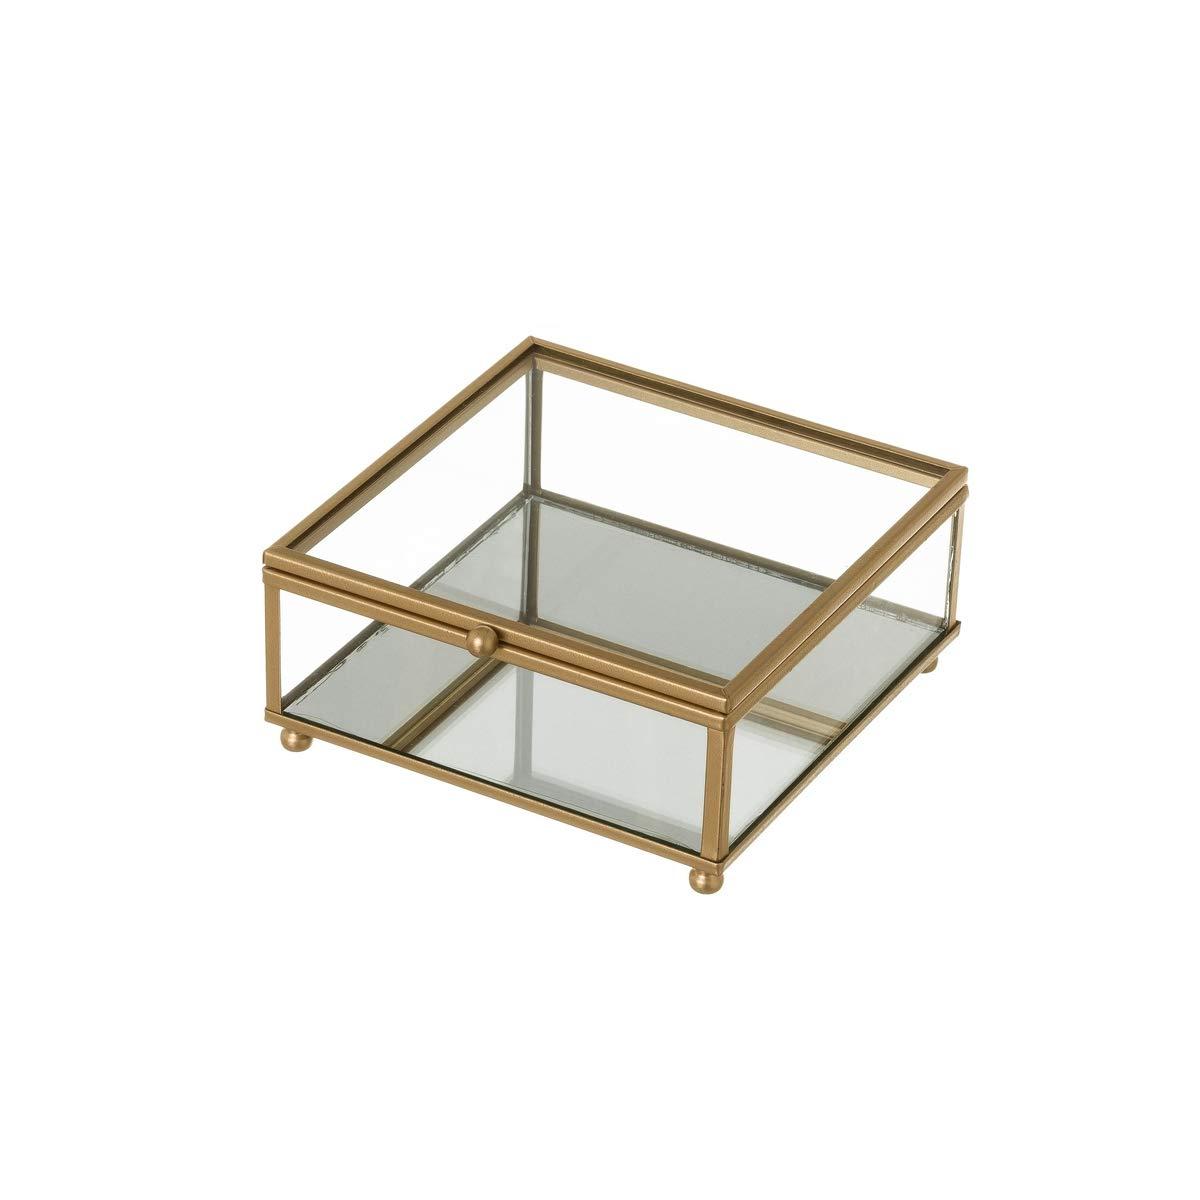 Joyero Caja de Cristal y Metal Dorada clásica, de 13x14x6 cm - LOLAhome: Amazon.es: Hogar